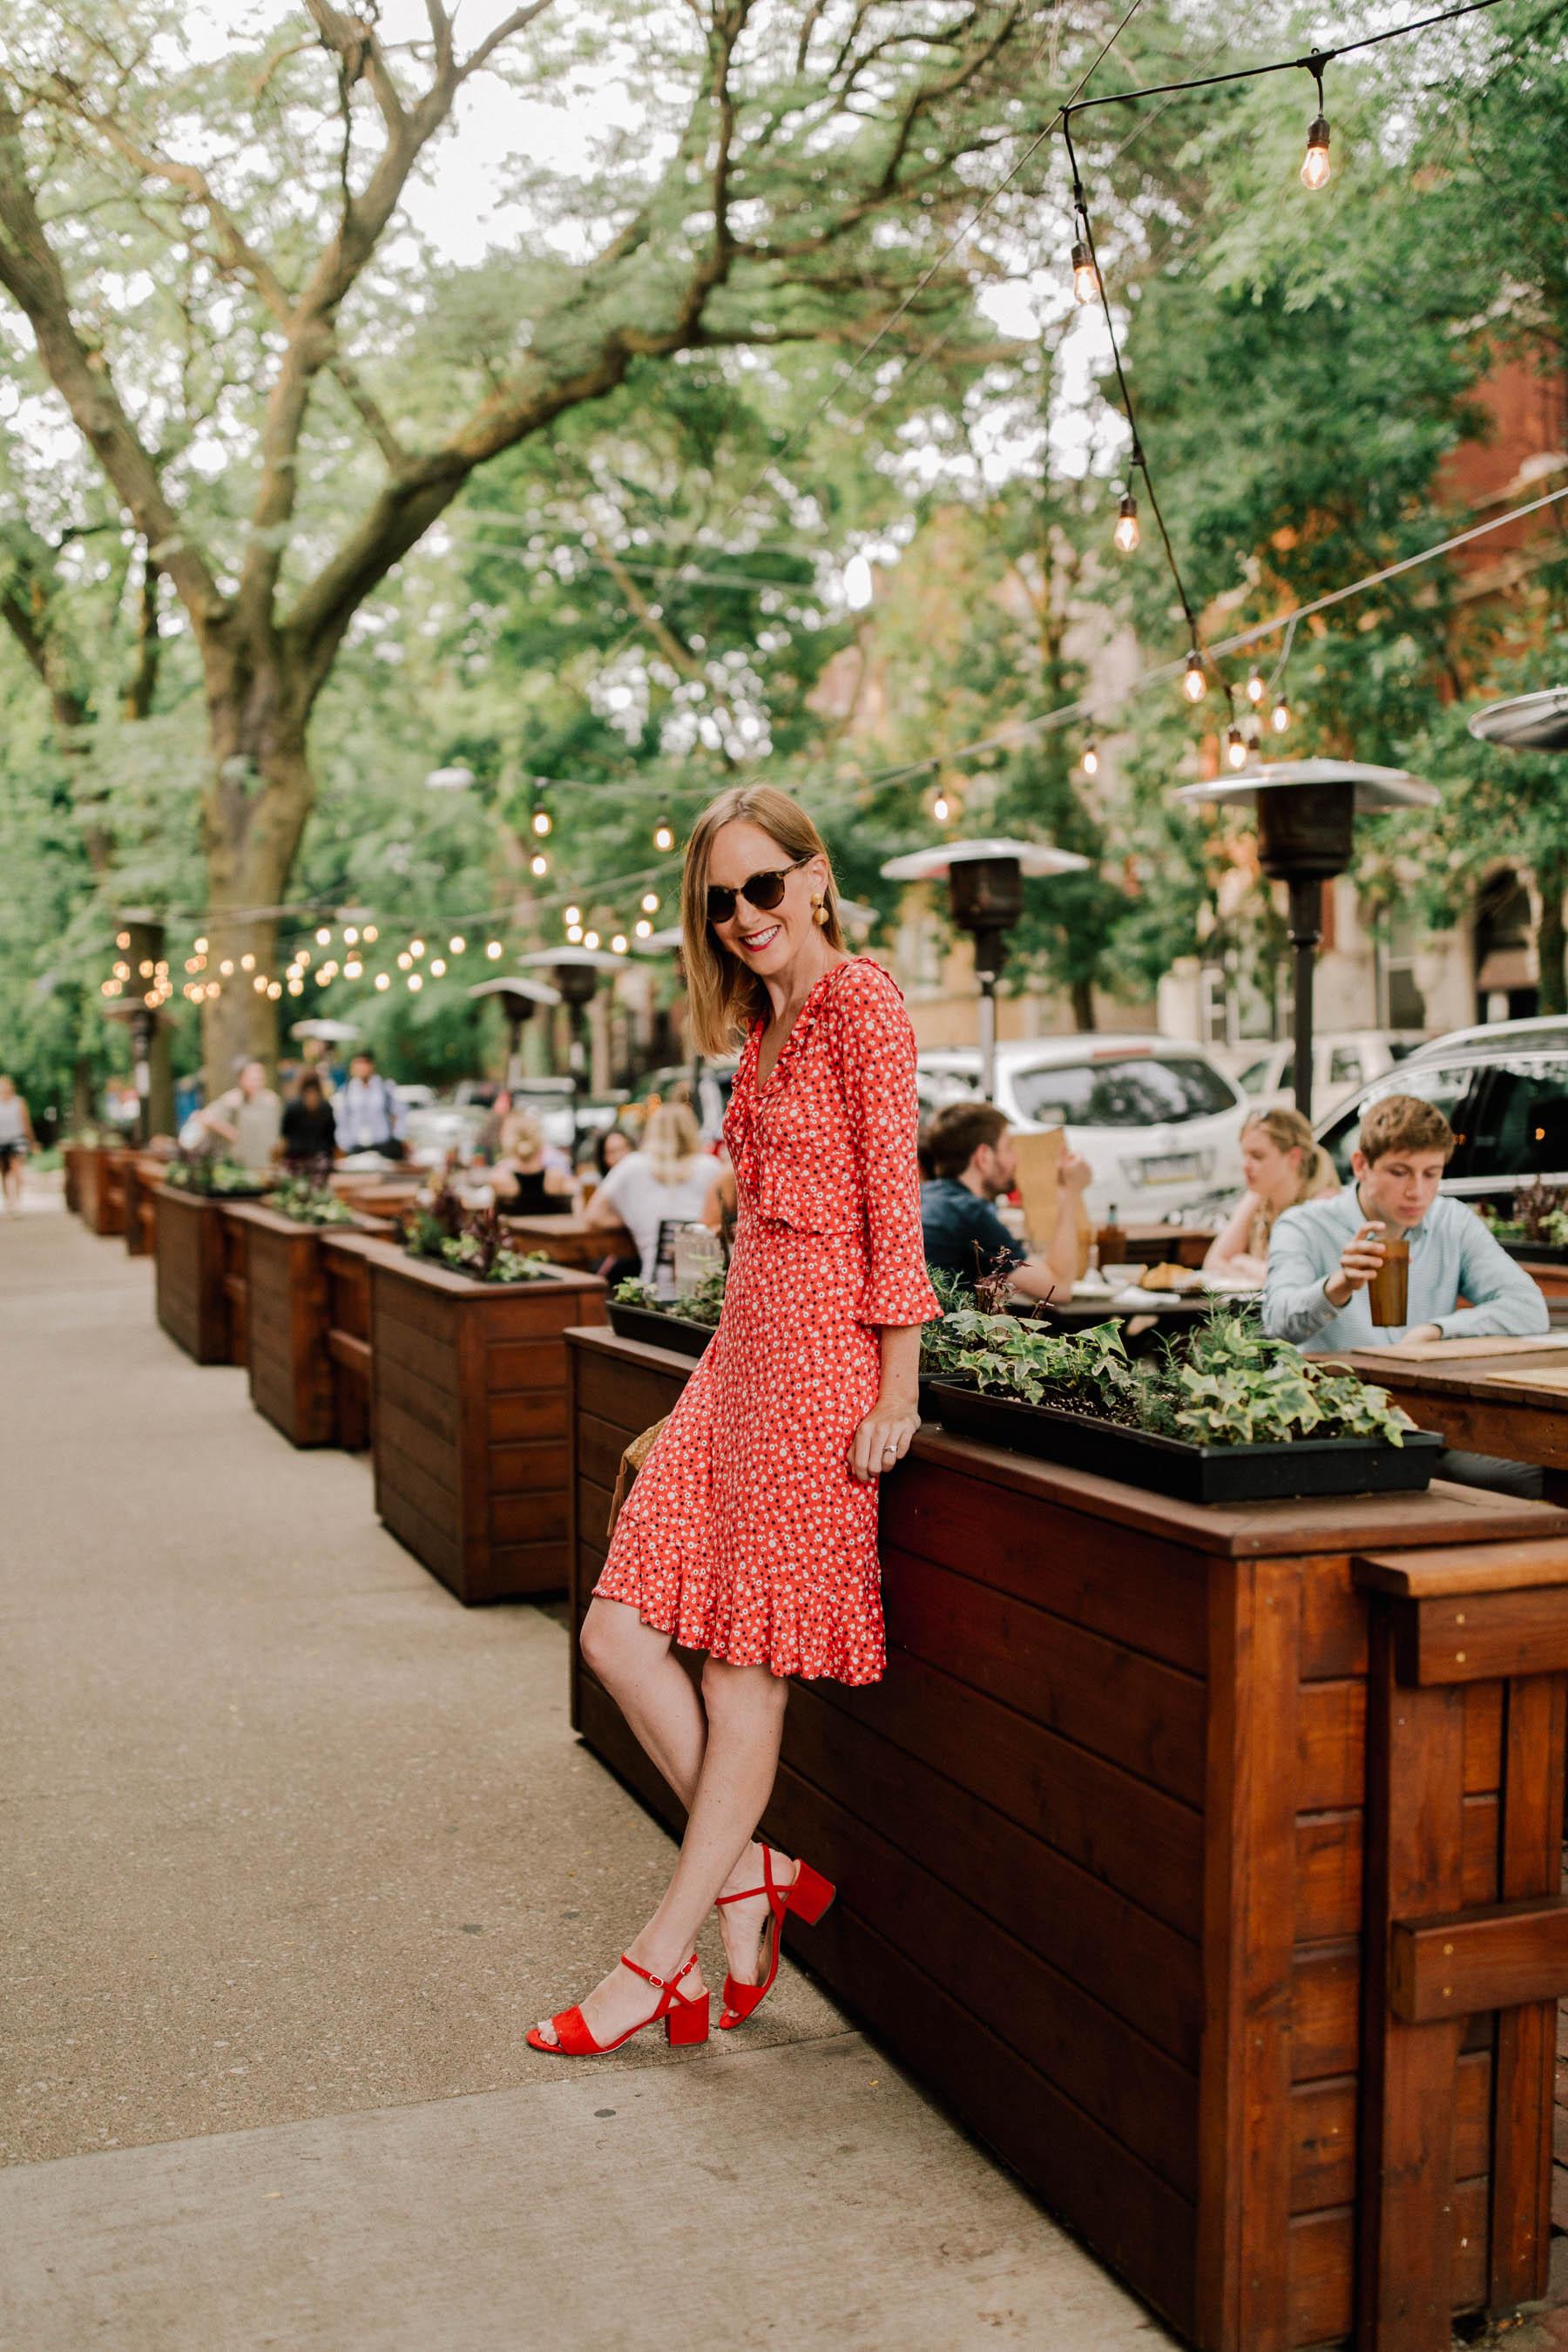 Kelly is wearing a Little Red Dress - Boden-MICHAELA-JERSEY-DRESS